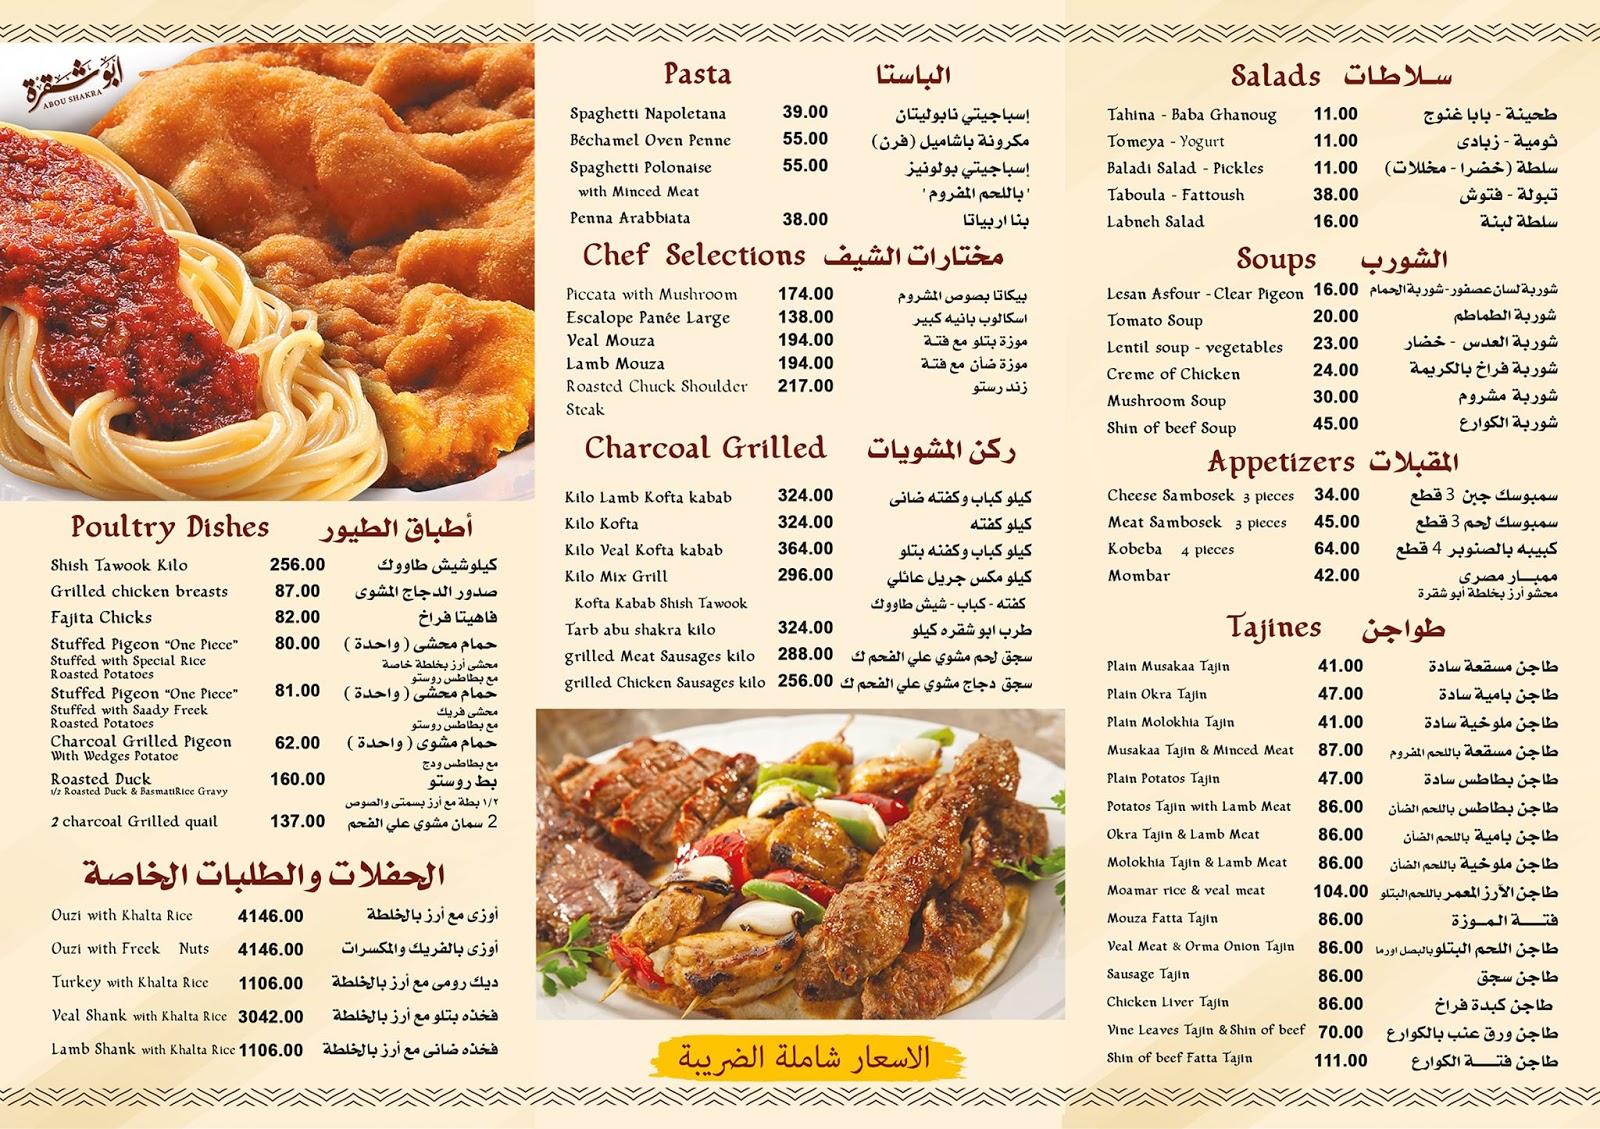 منيو مطعم ابو شقرة للمشويات الجديدة 2020